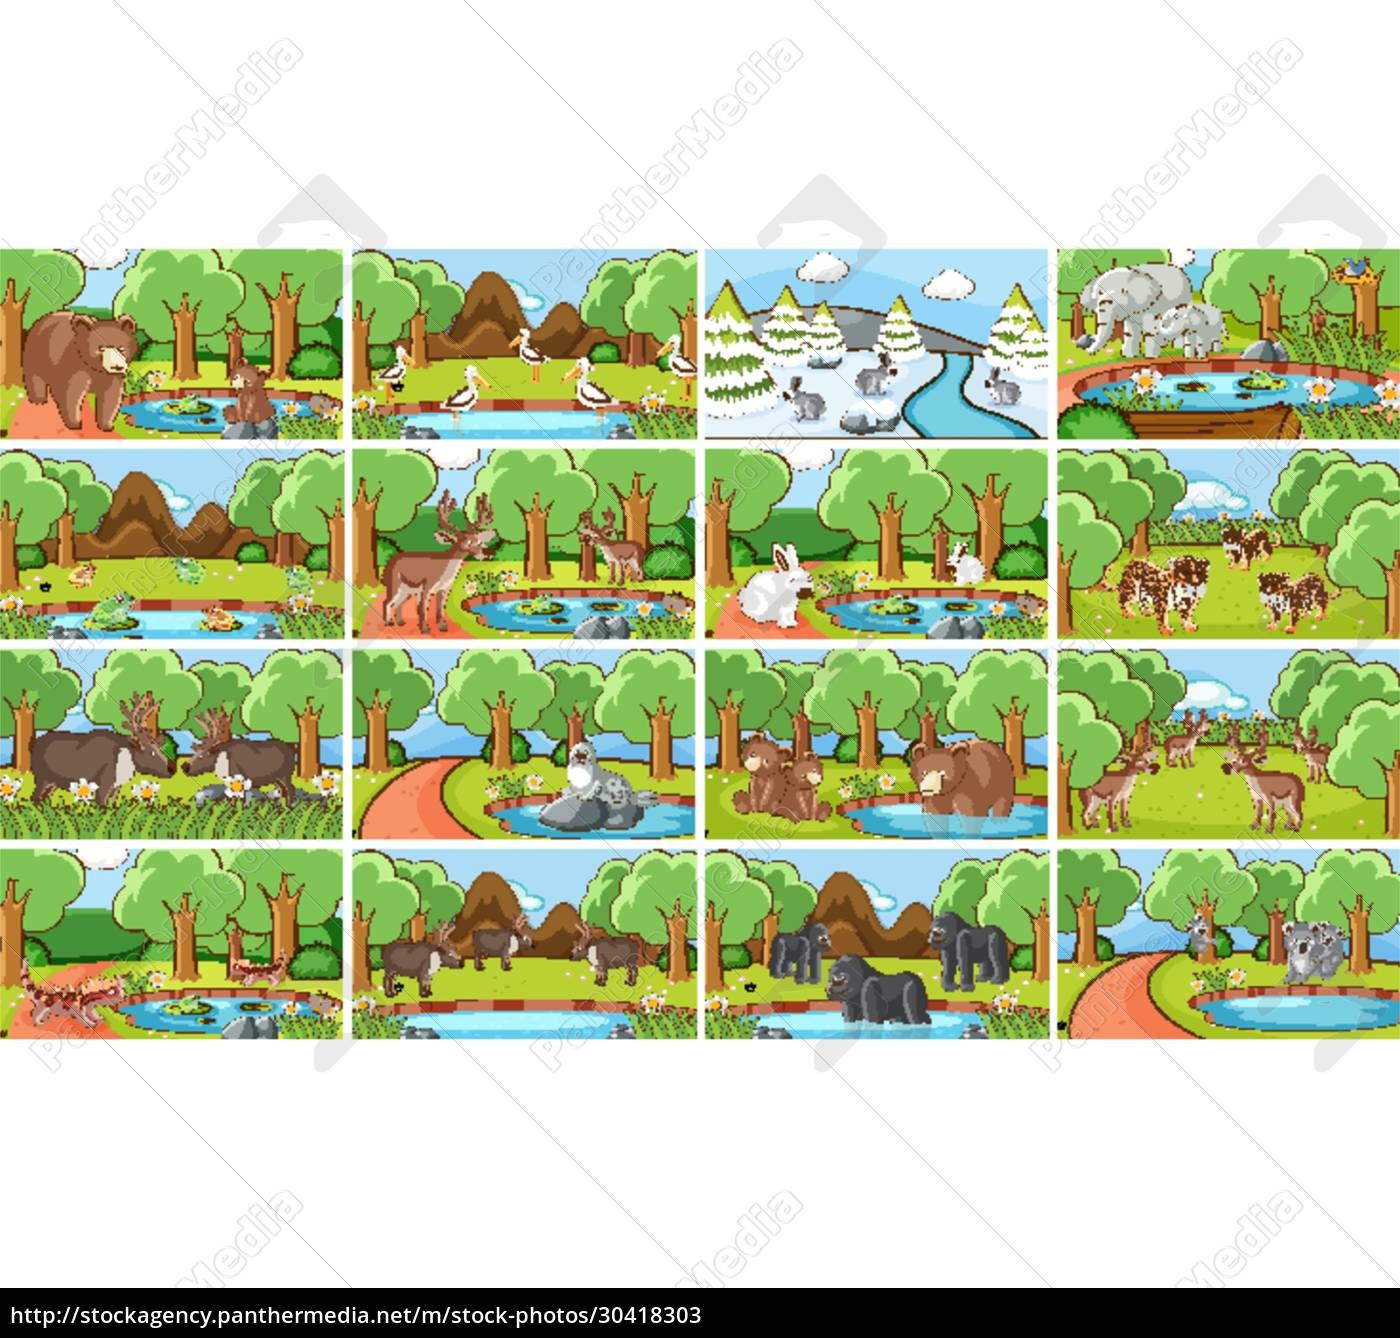 hintergrundszenen, von, tieren, in, freier, wildbahn - 30418303